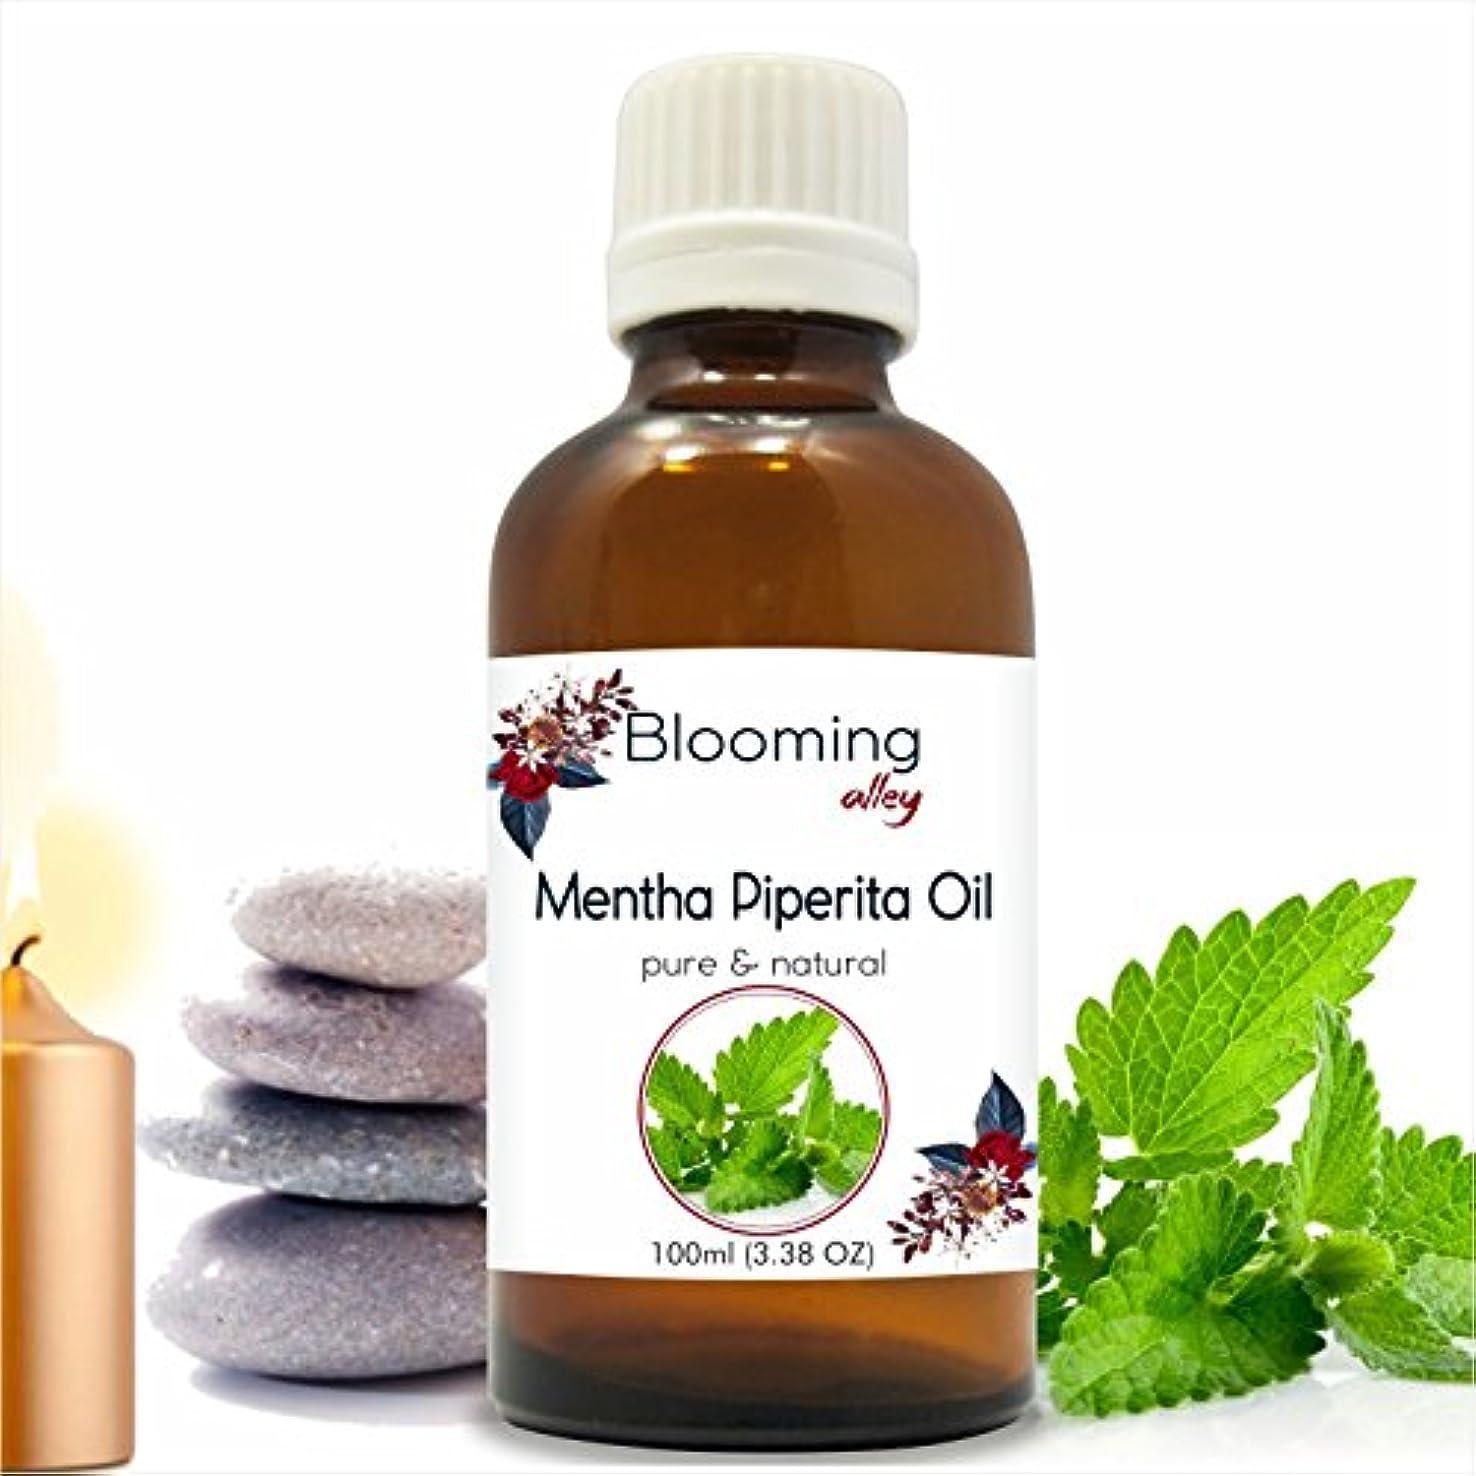 解く笑い最近Menthapipreta Oil(Mentha Piperita) Essential Oil 100 ml or 3.38 Fl Oz by Blooming Alley